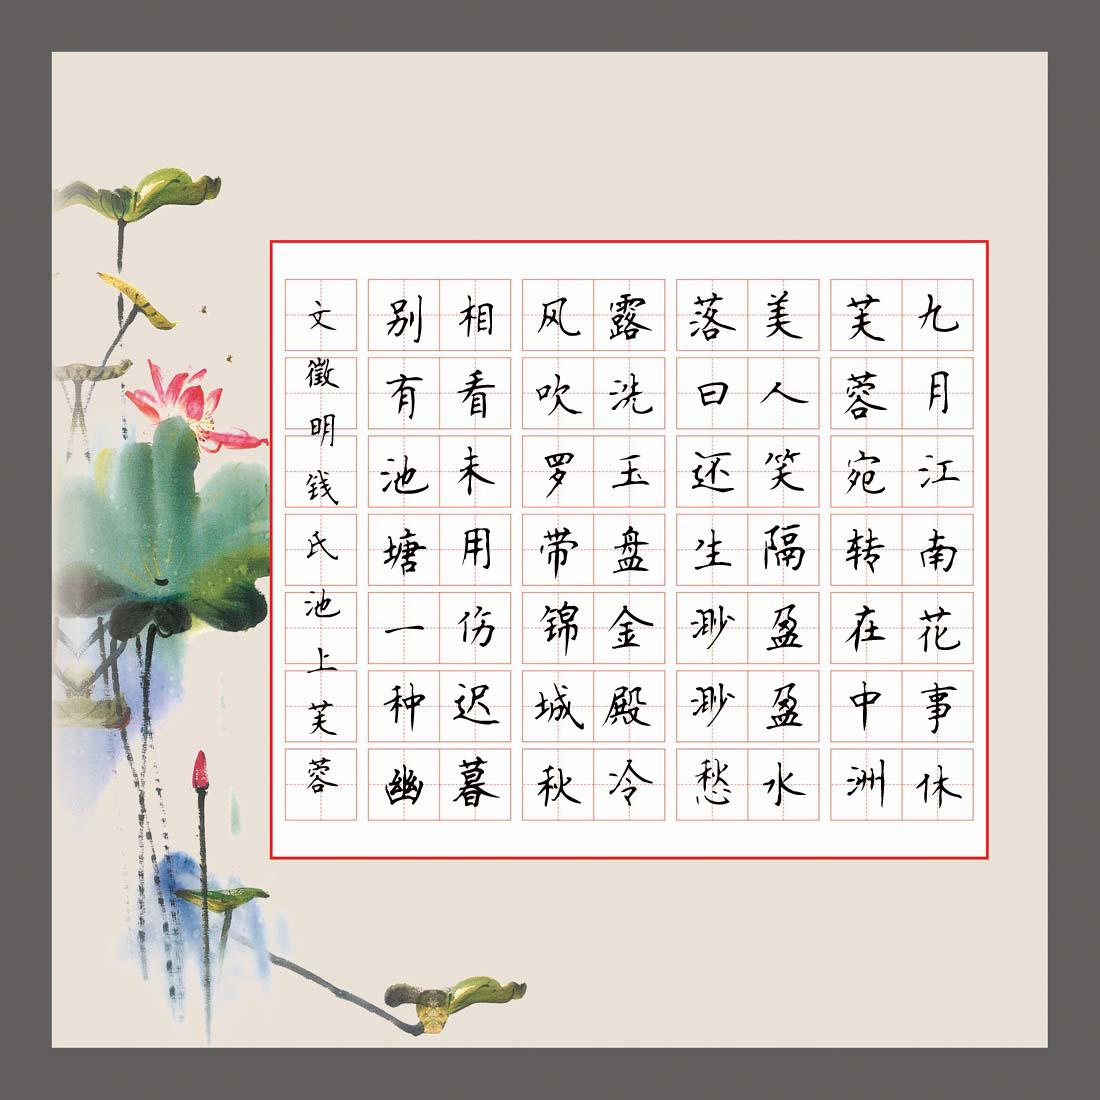 硬笔书法专用纸钢笔练习纸创作比赛展览纸 古风水墨田字格 芙蓉图片